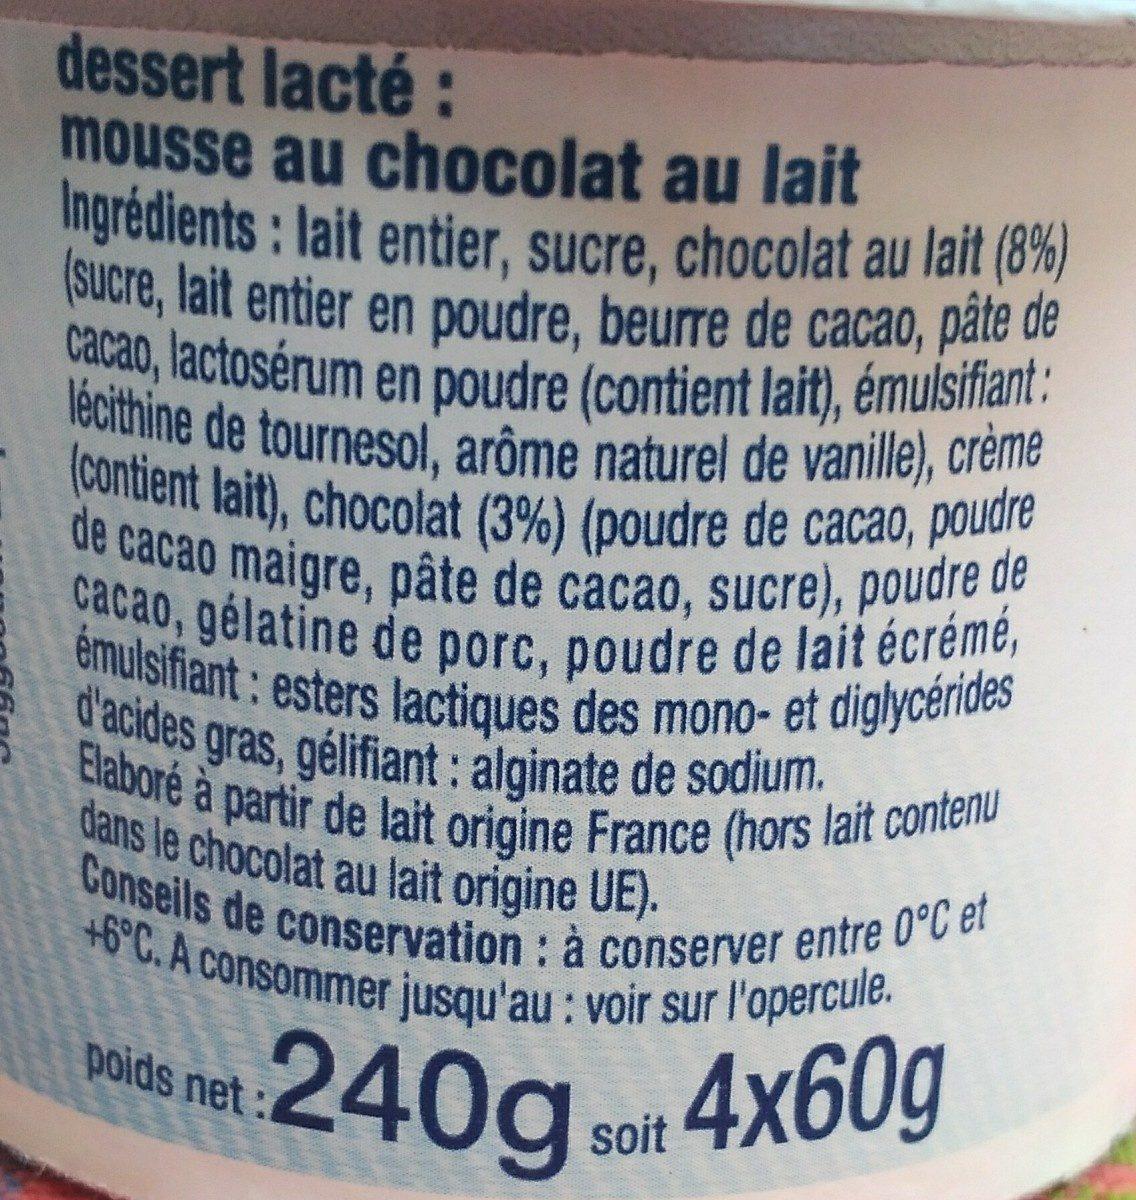 Mousse au Chocolat au Lait - Ingrediënten